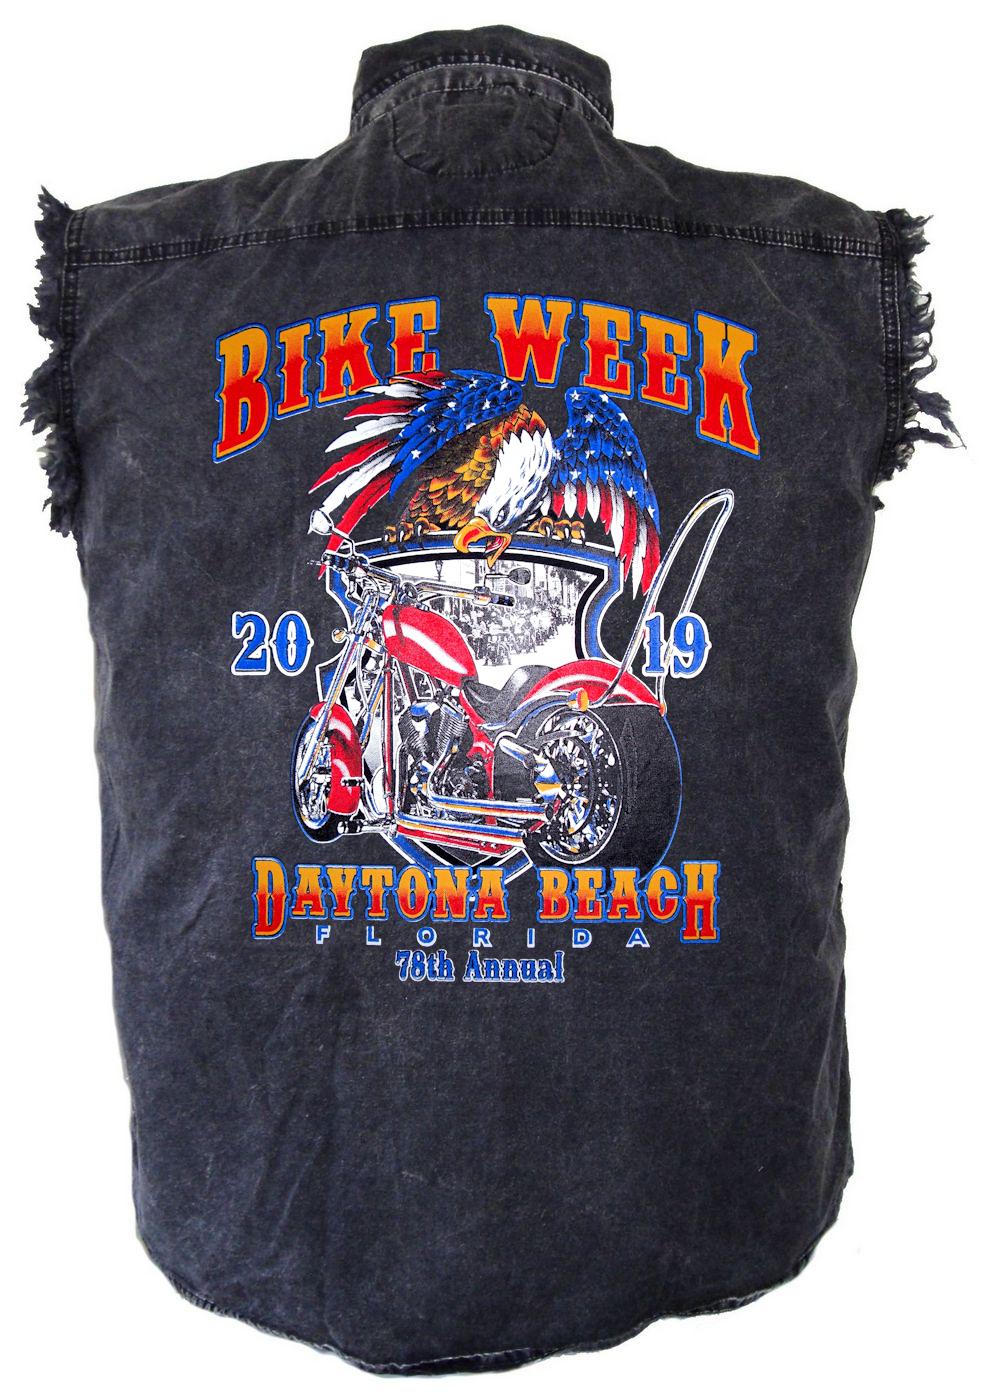 Mens Stonewash Daytona Beach Bike Week 2019 Motorcycle